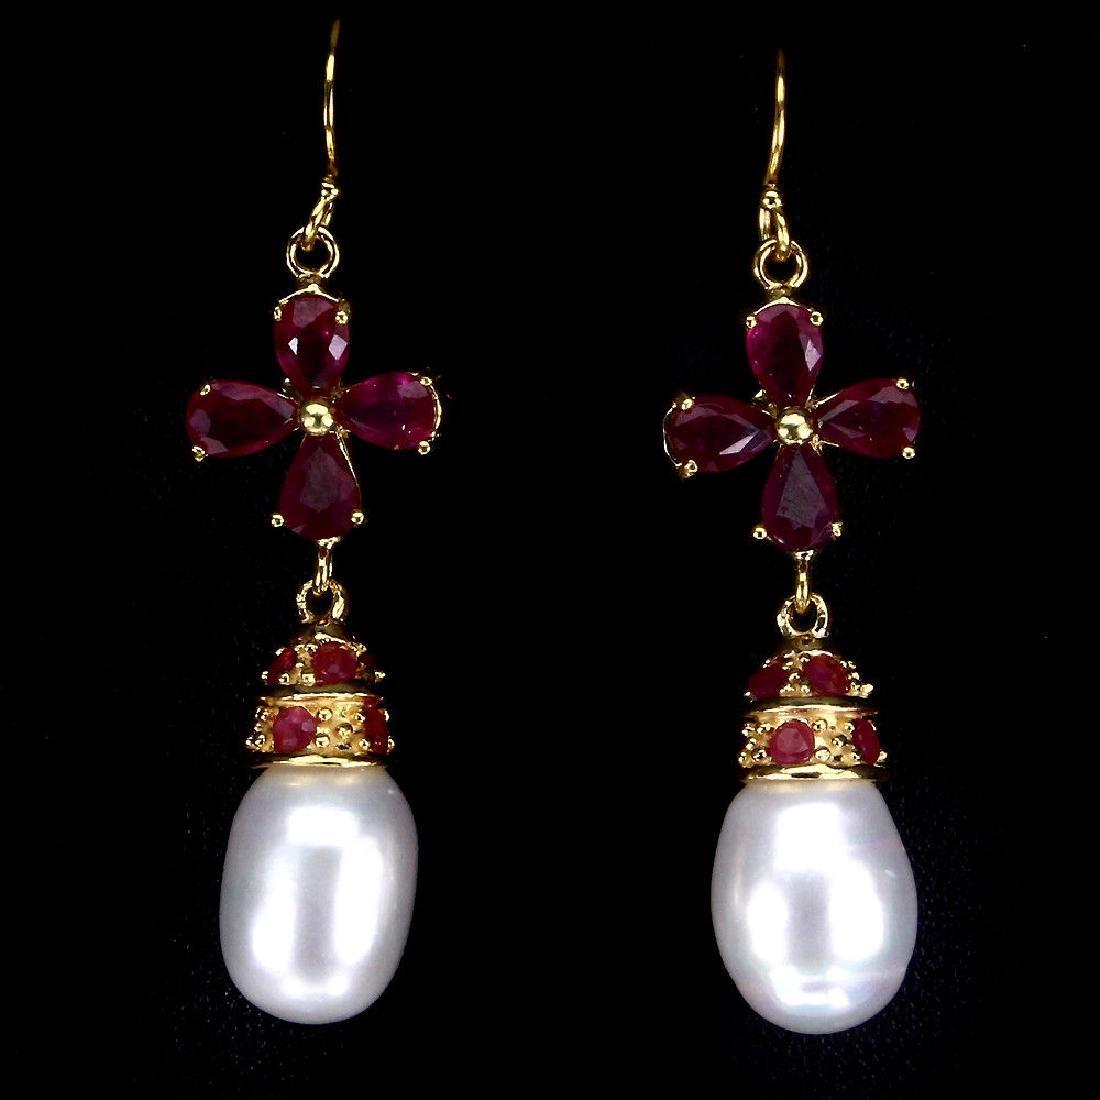 Natural Japanese Pearl & Ruby Earrings